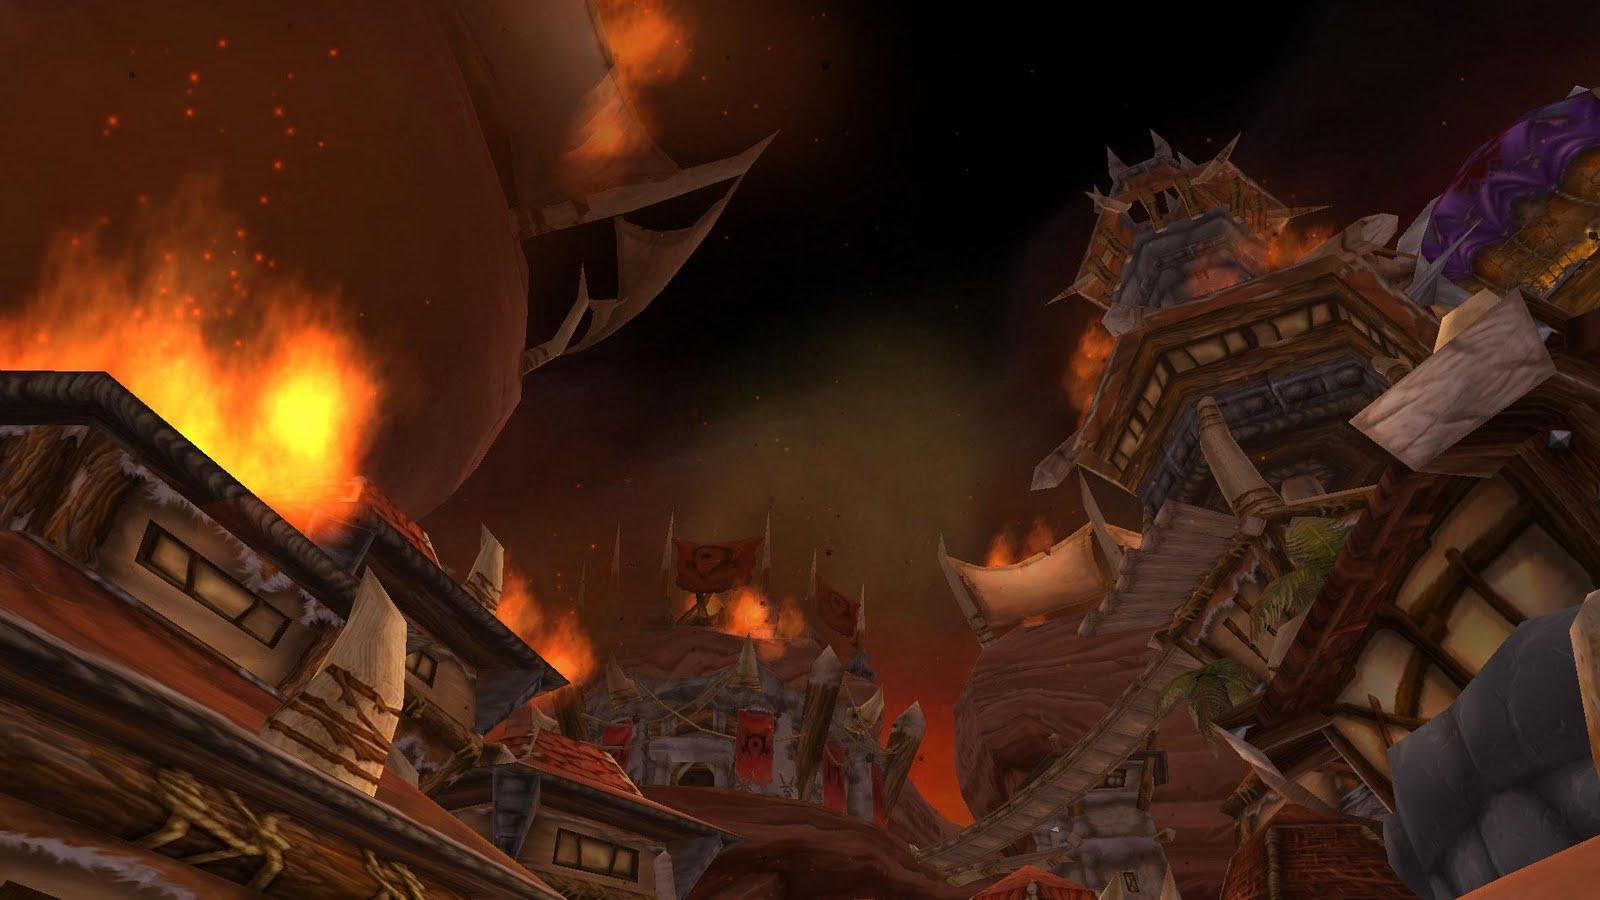 http://4.bp.blogspot.com/_wyKexApG2uI/TPP-1-PTqPI/AAAAAAAAD1Y/Z6xwEhgFHvs/s1600/org_burning.JPG